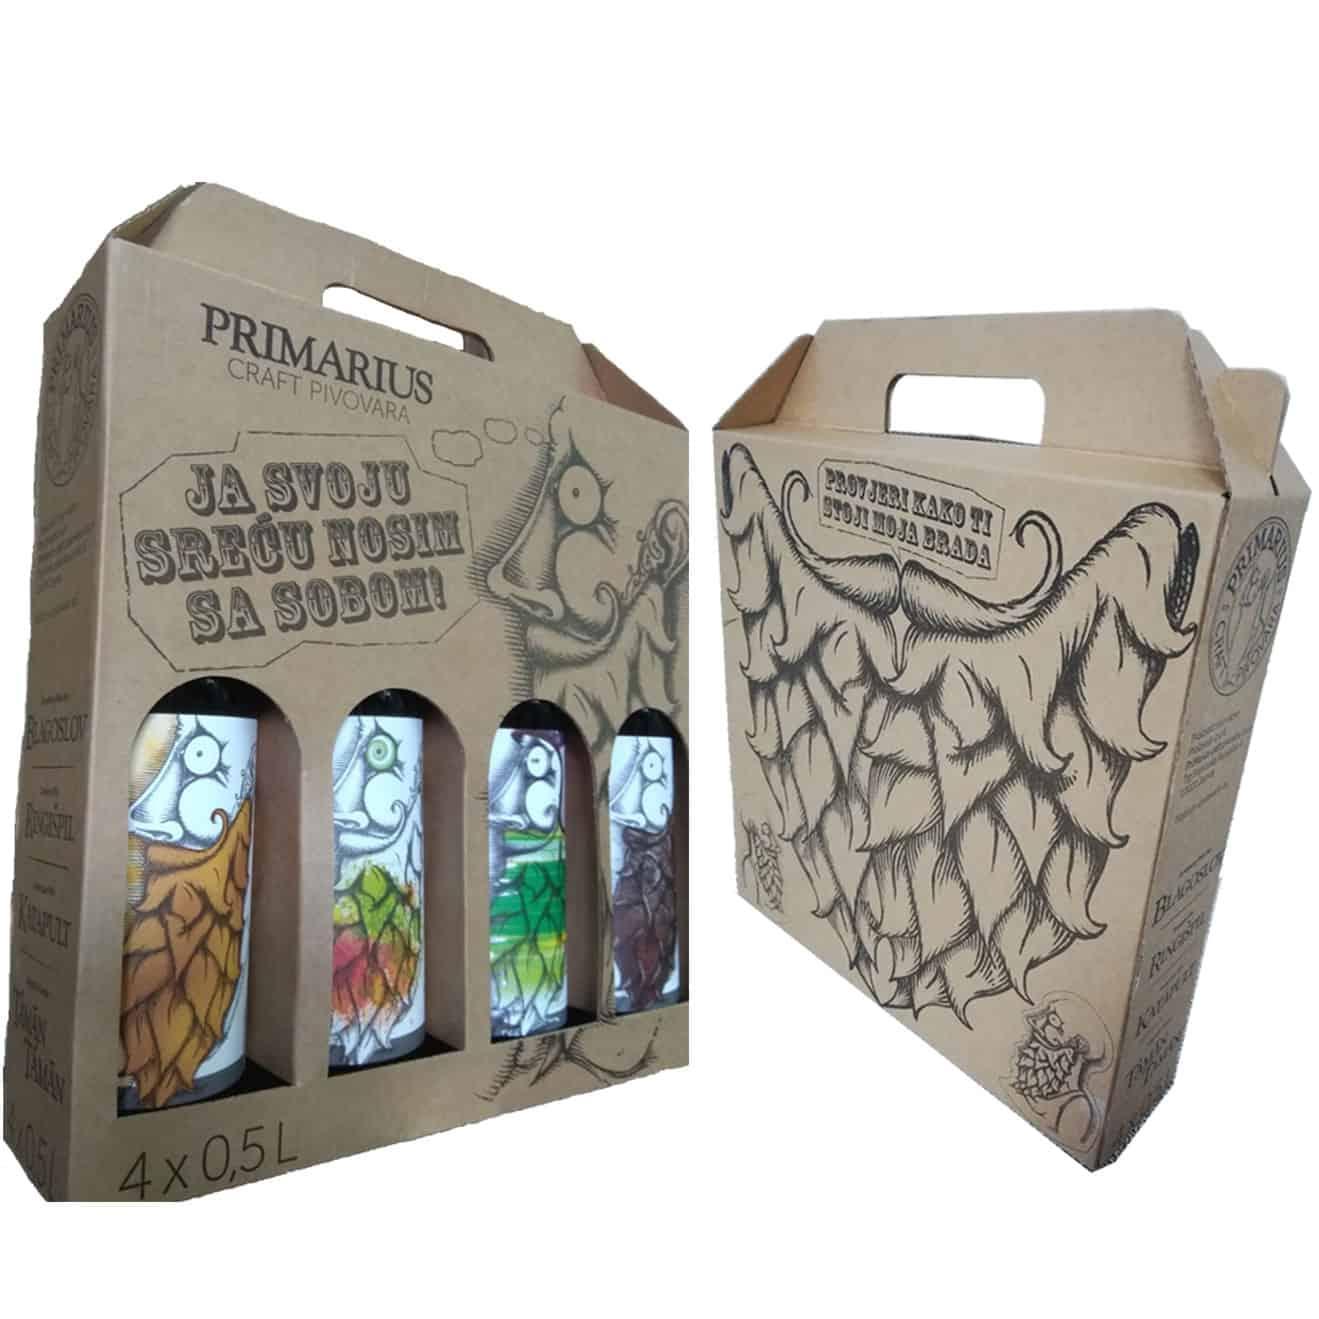 Primarius 4-pack Poklon Paket